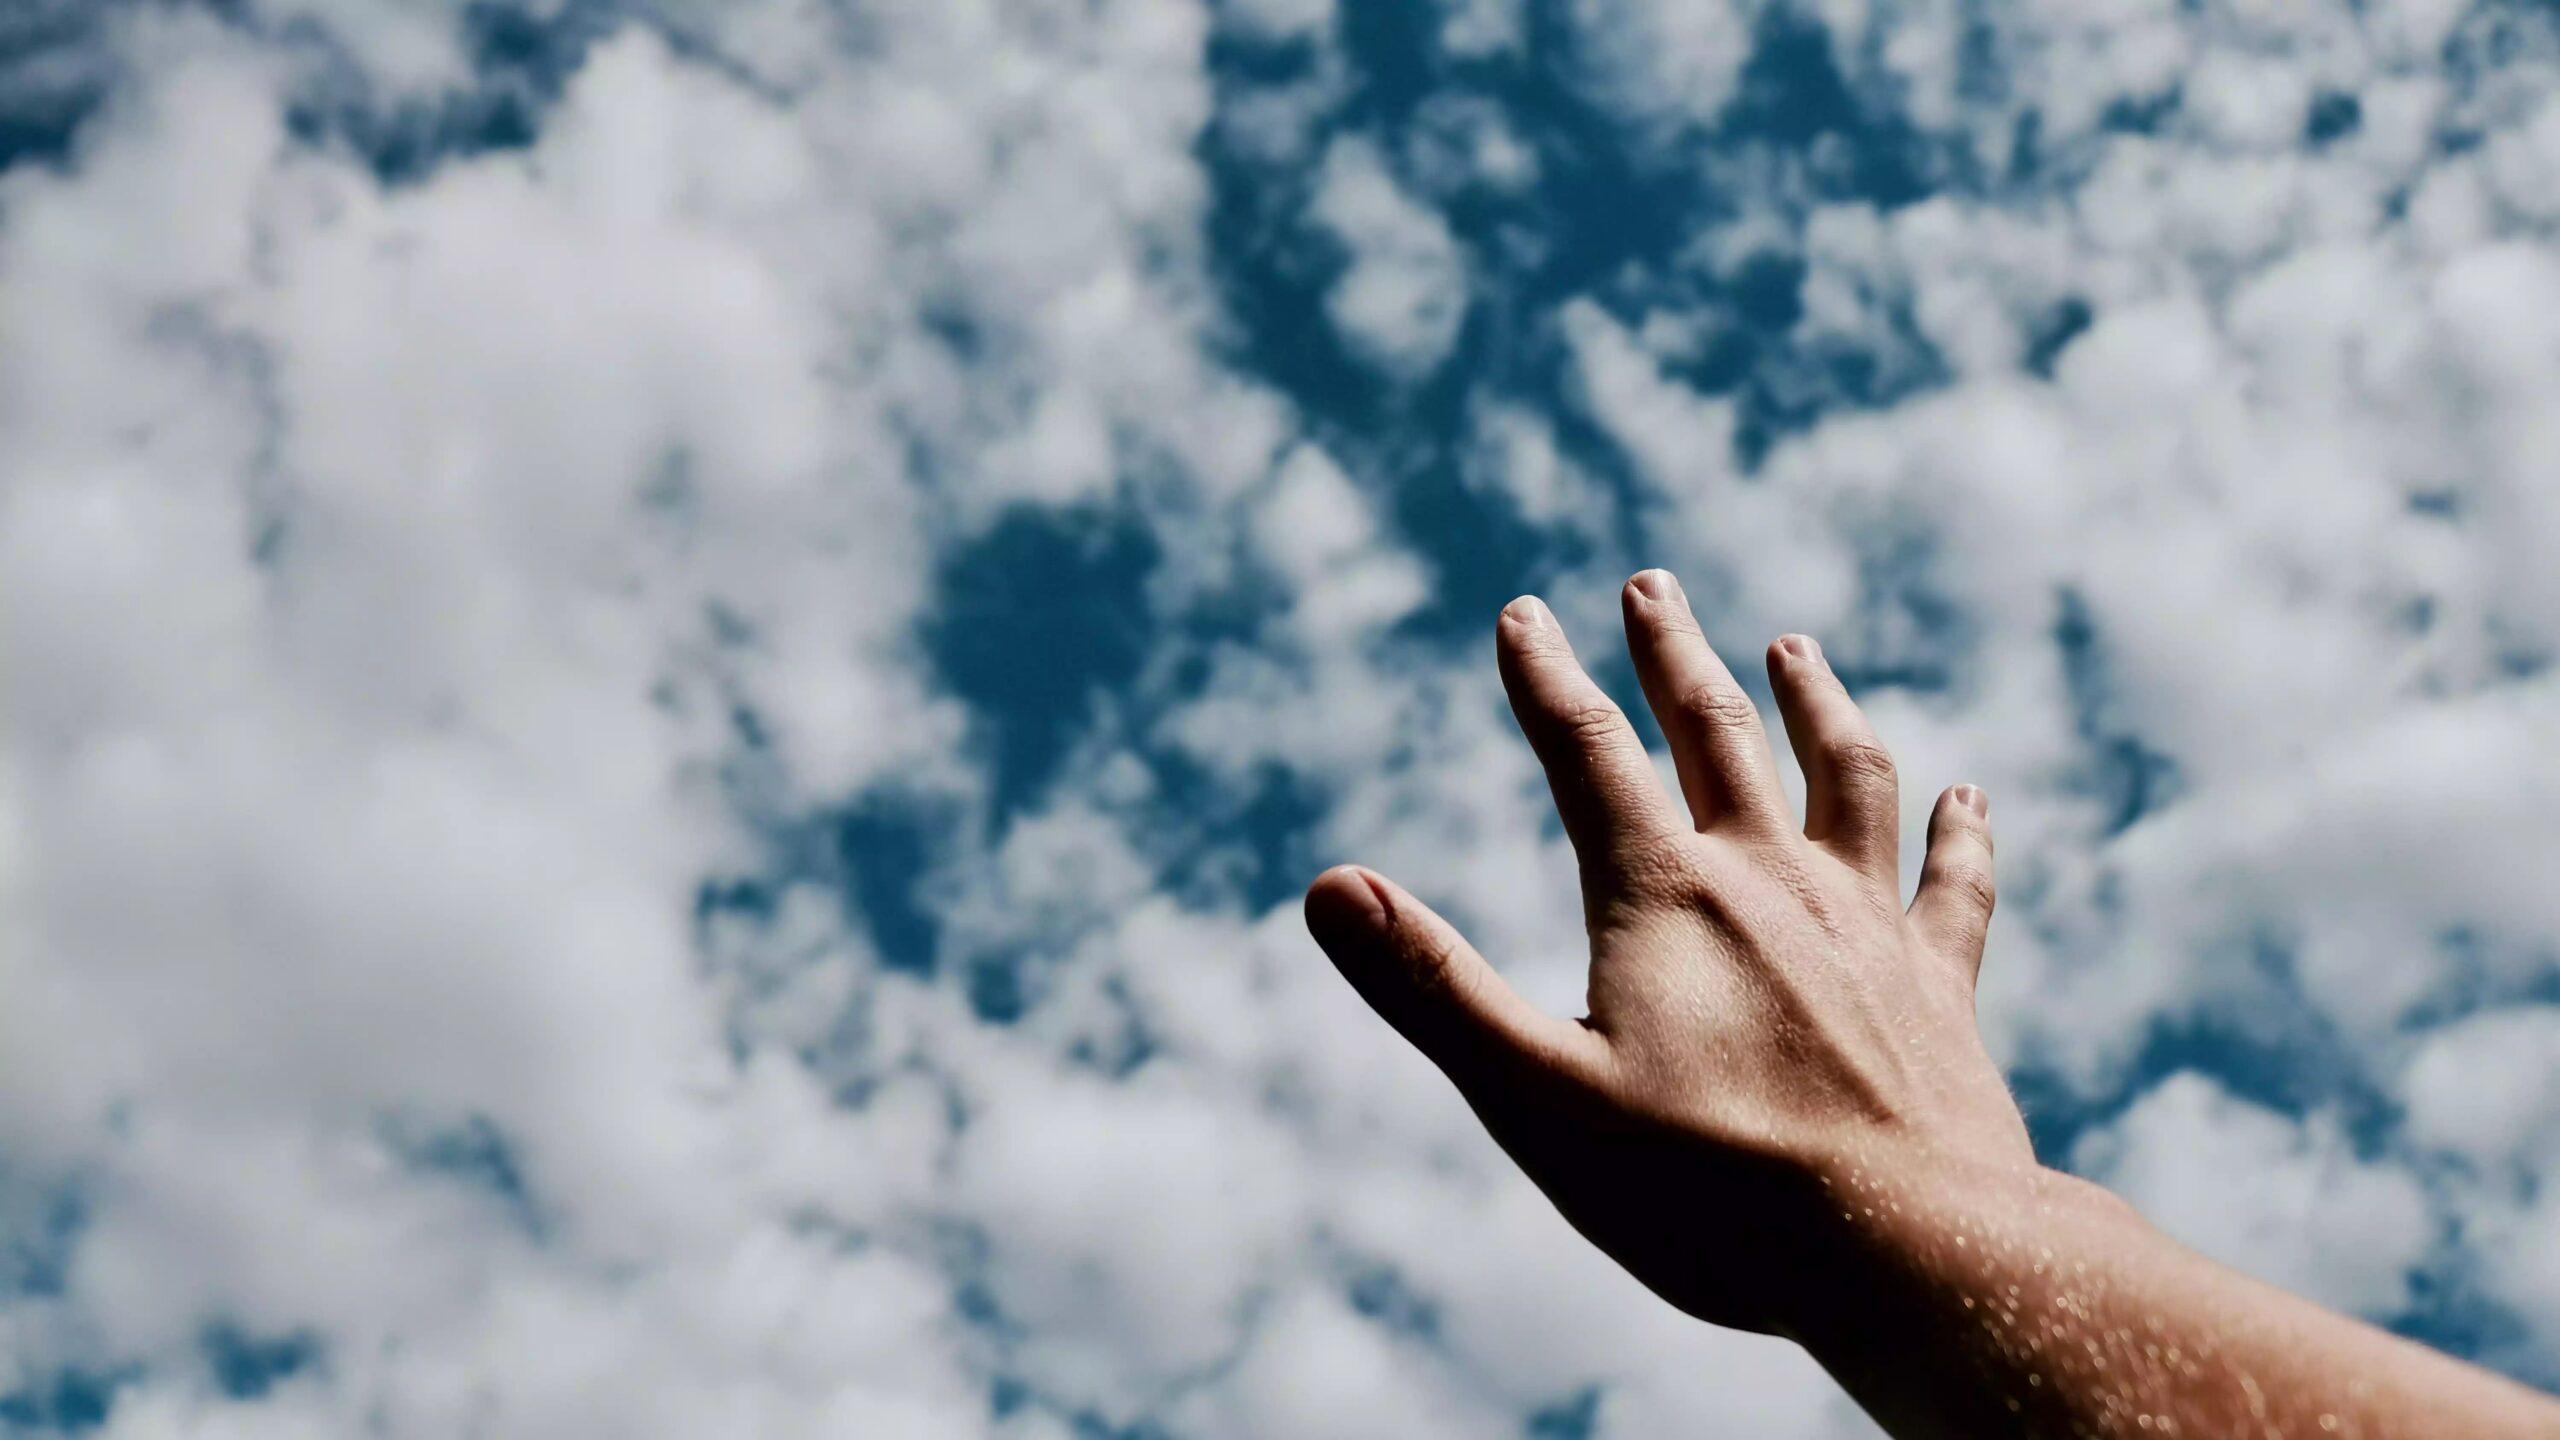 Impactante Mensaje oculto en Fátima sobre la Misericordia de Dios durante la Tribulación